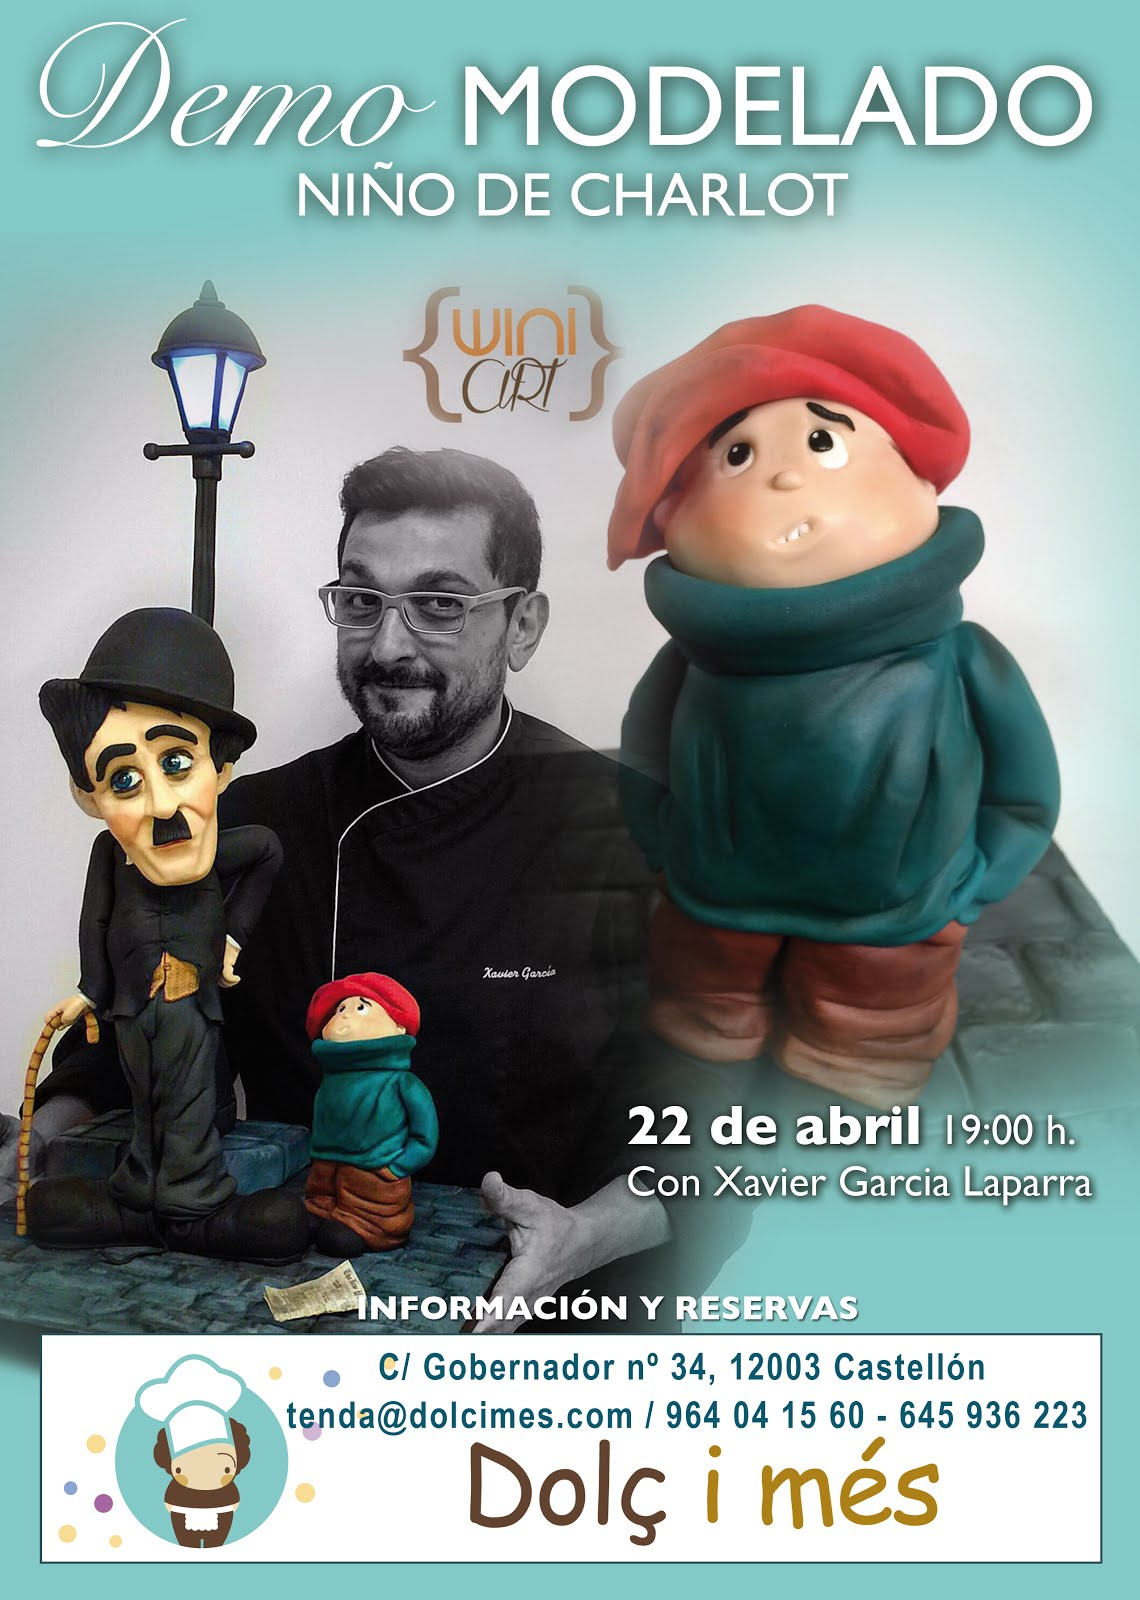 CURSO MODELADO CHARLOT